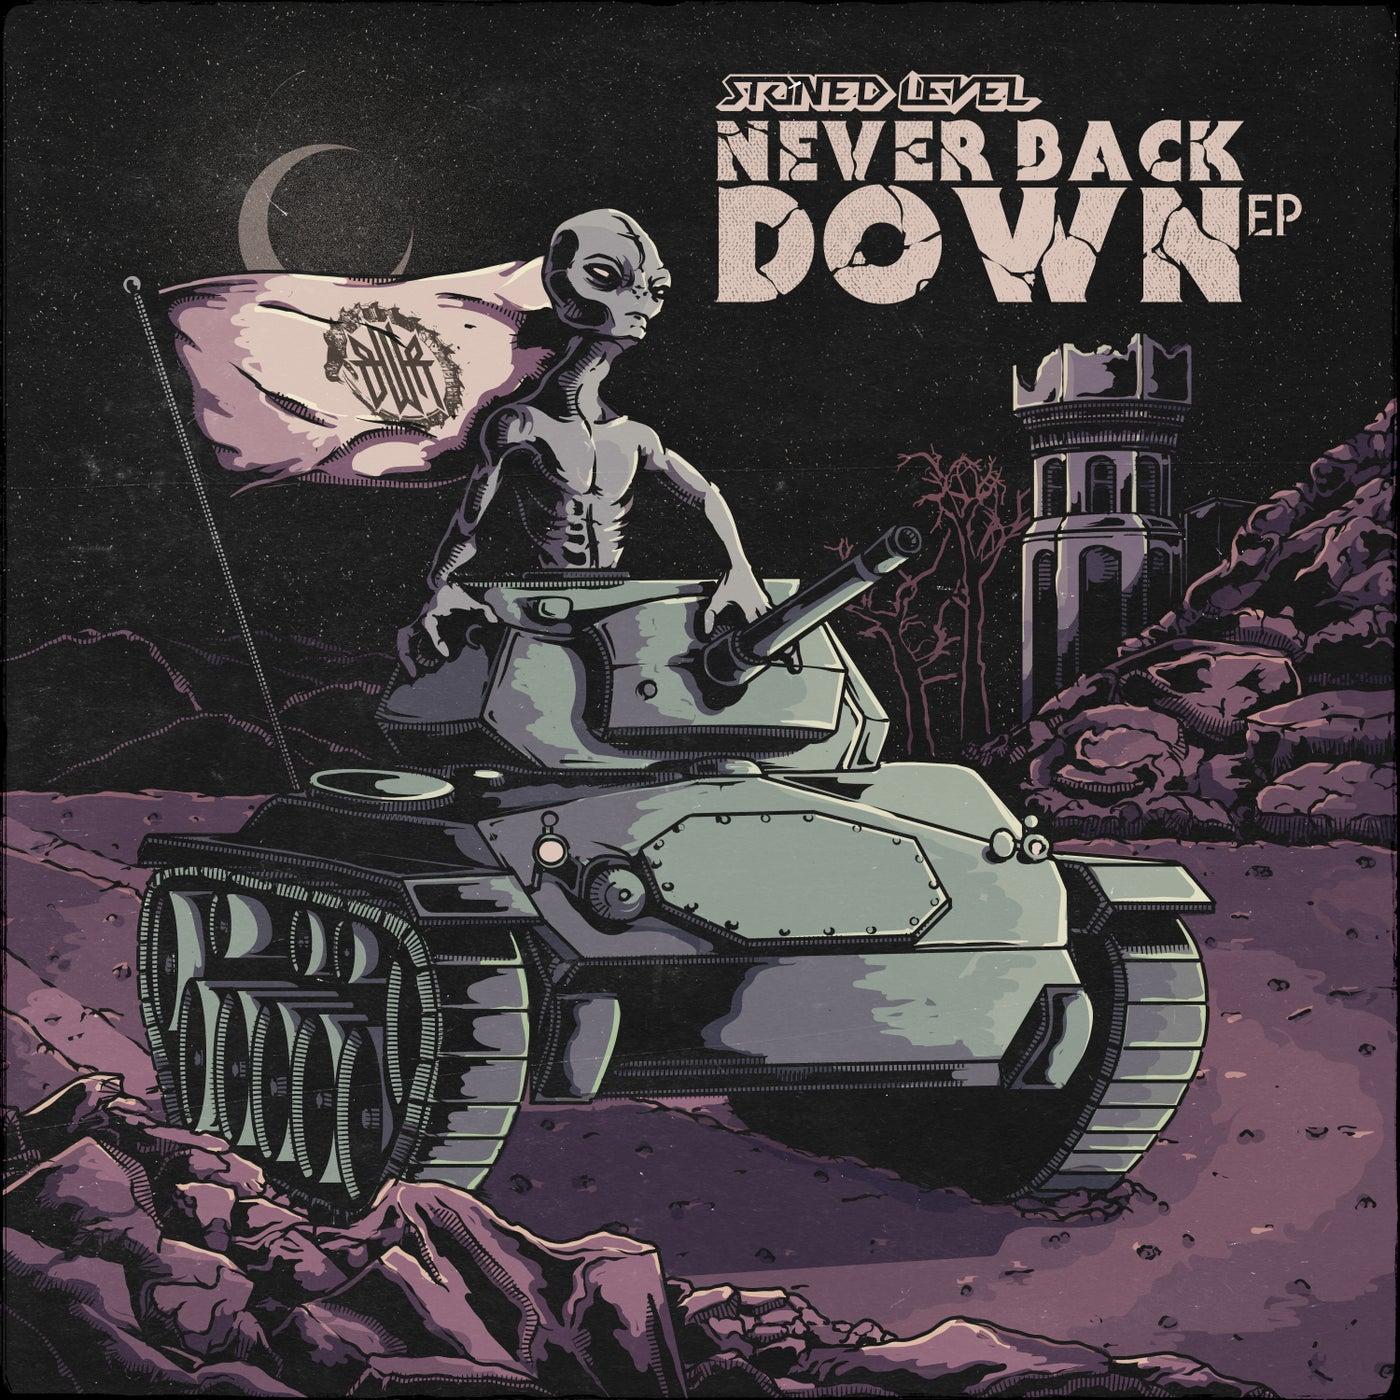 Never Back Down (Original Mix)